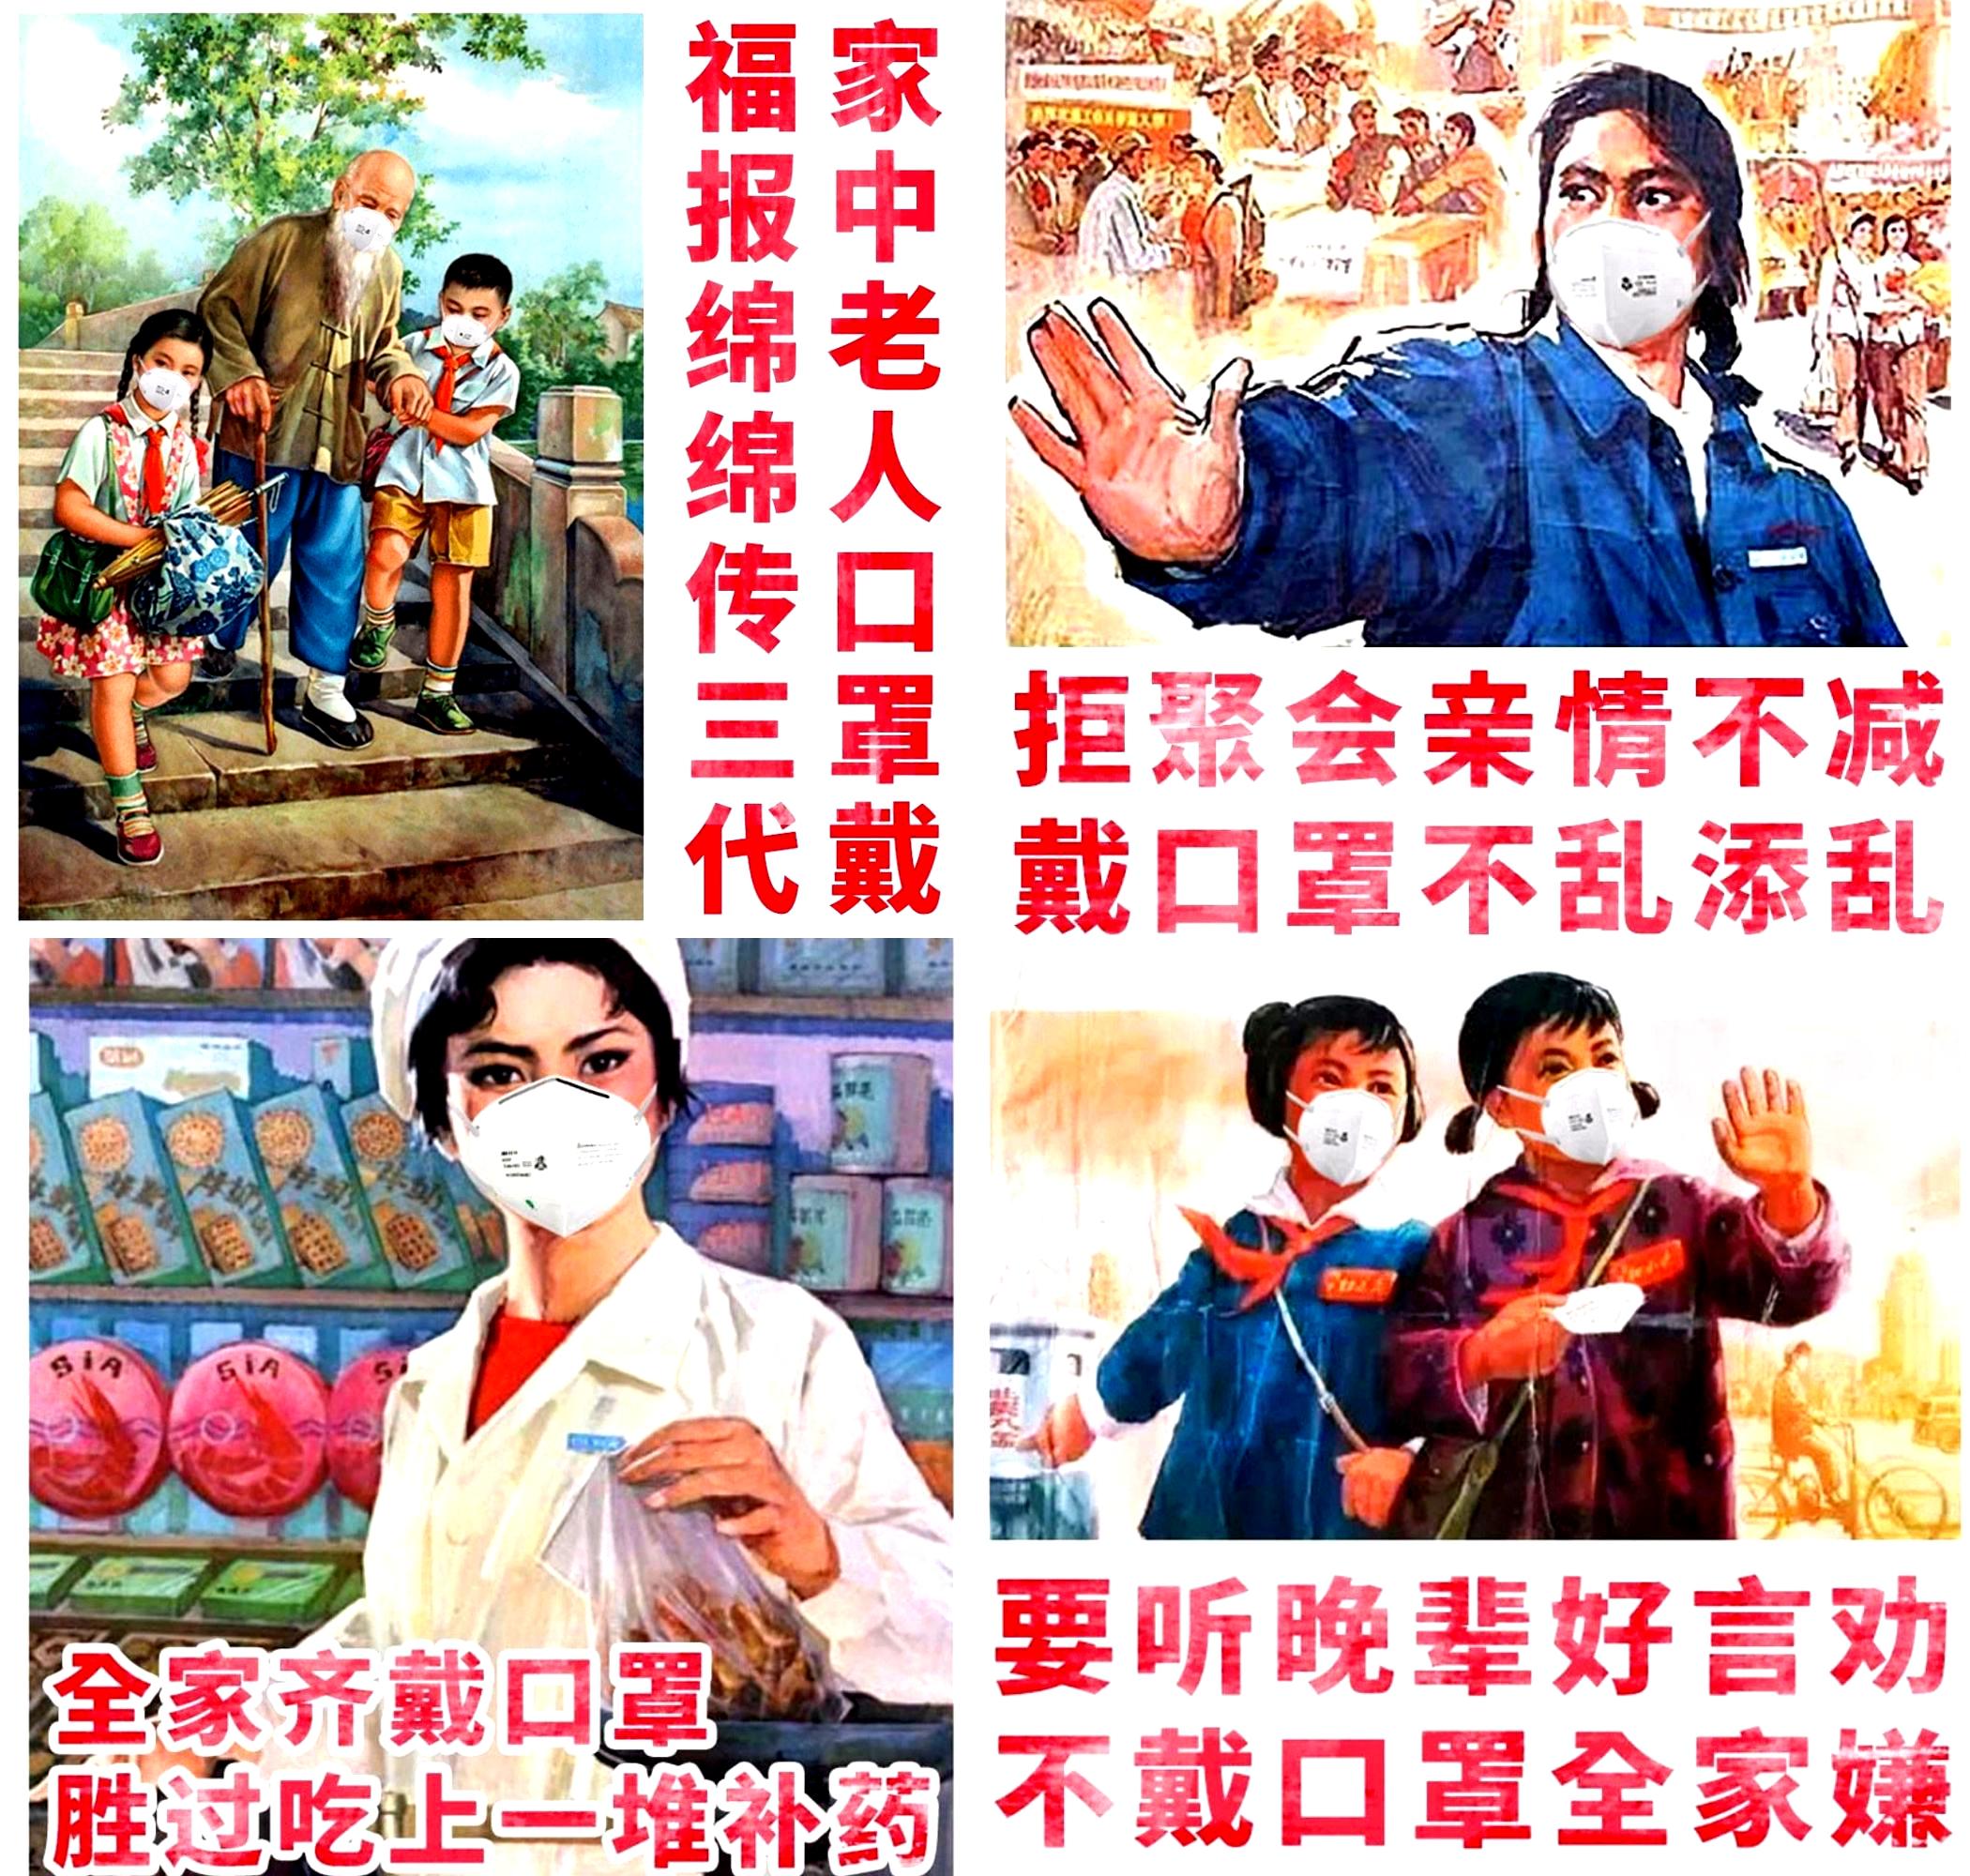 中国における「新型コロナウイルス阻止戦」の実態 ─感染への恐怖から経済へと移る中国人の関心─